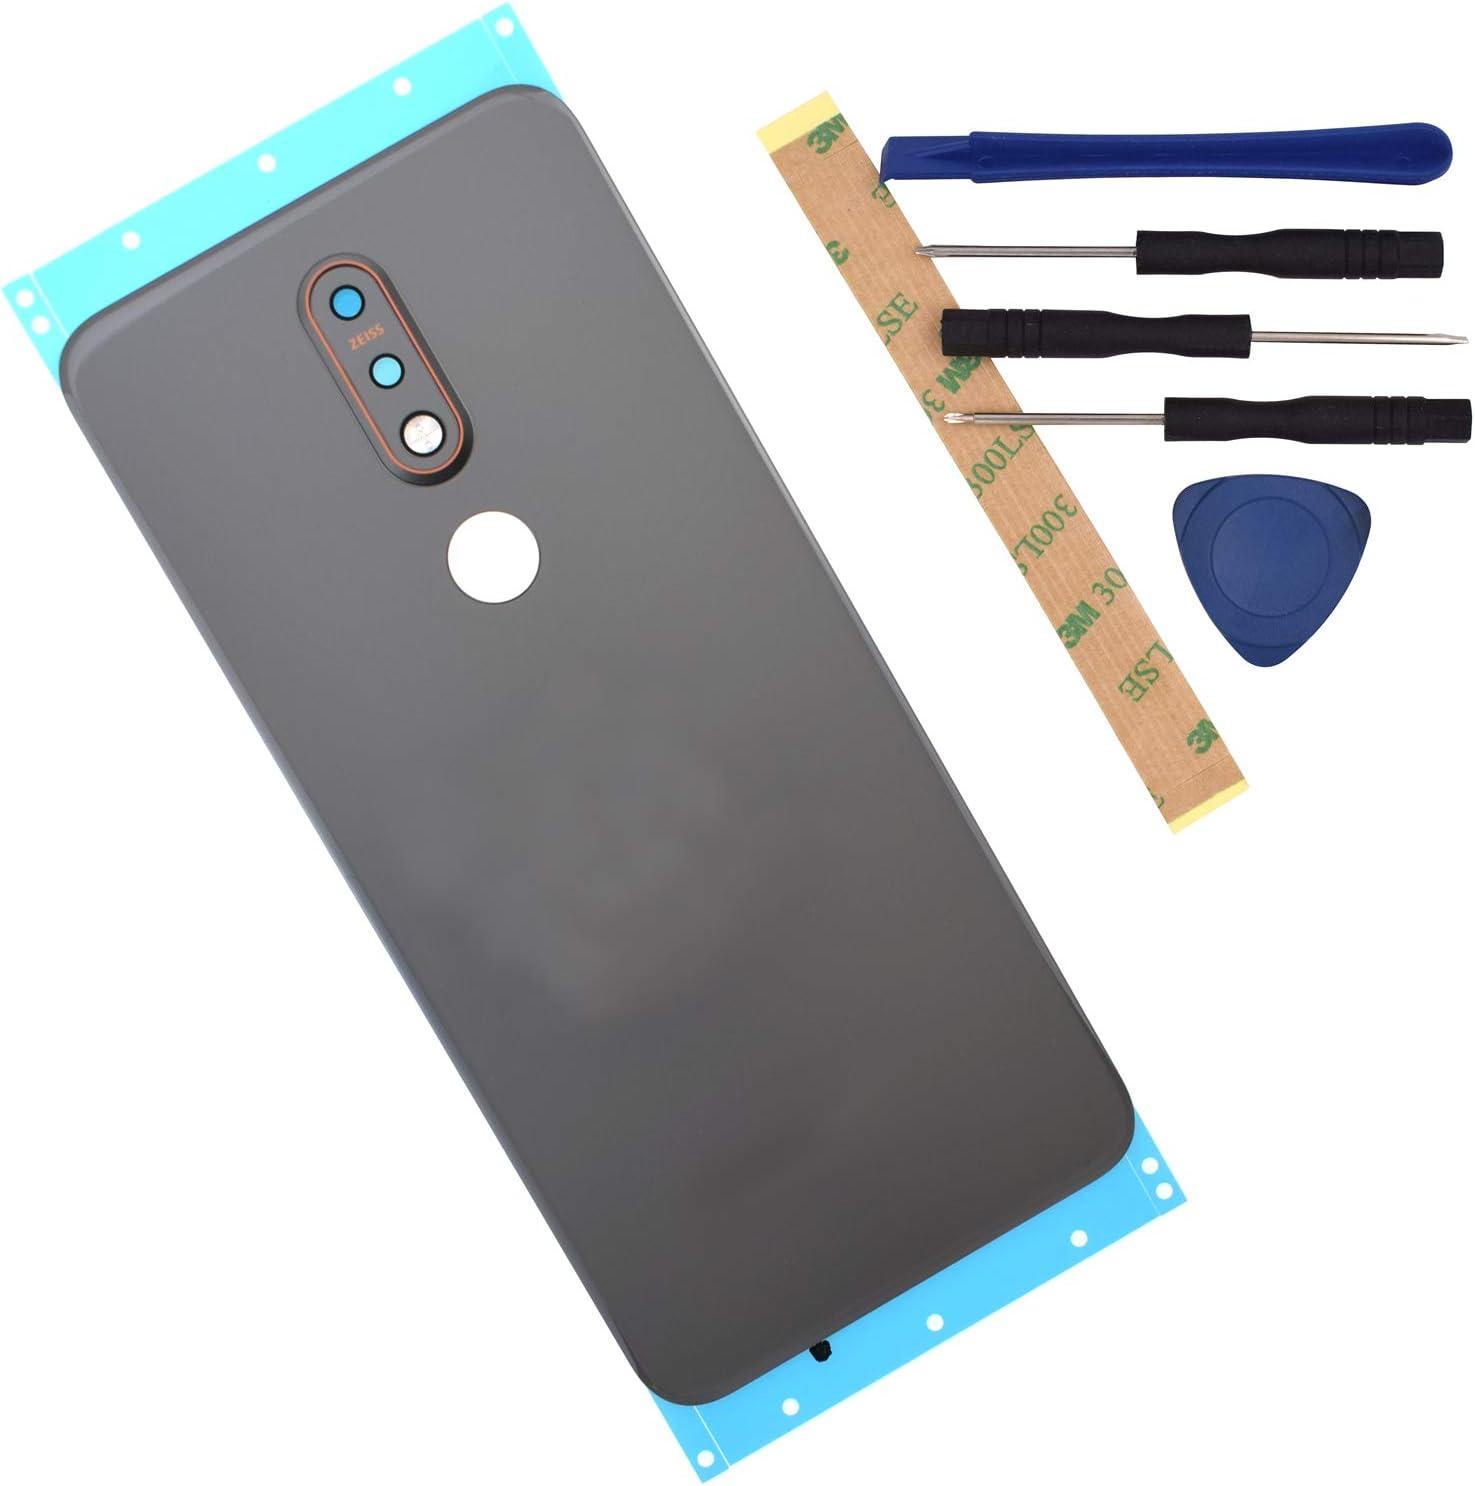 Tapa de cristal para Nokia 7.1 (xam)